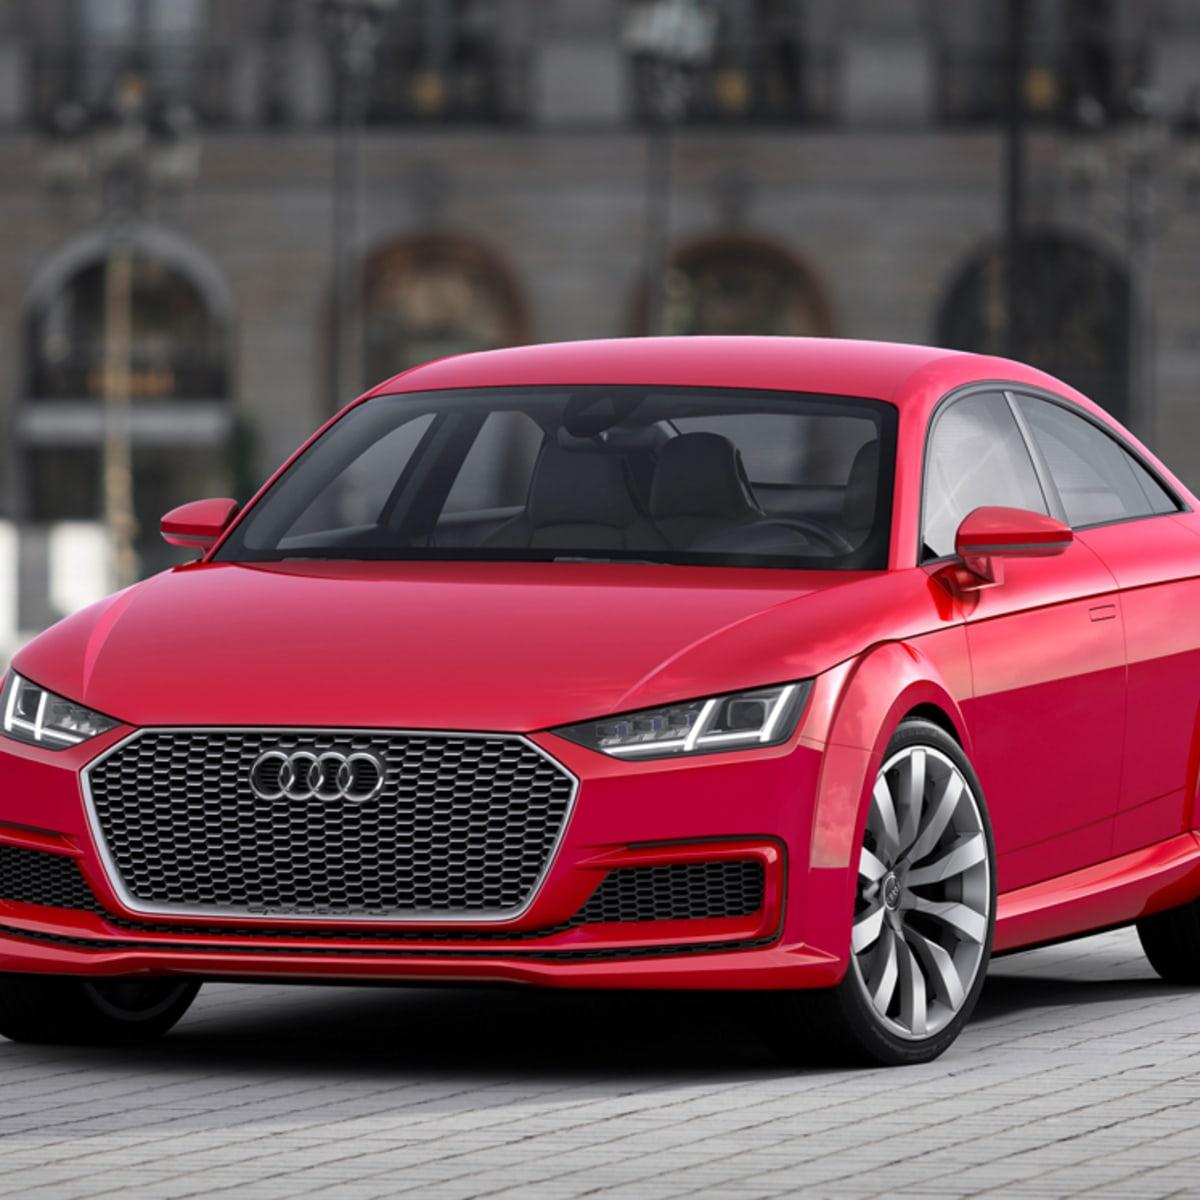 Kelebihan Kekurangan Audi Tt Sportback Review